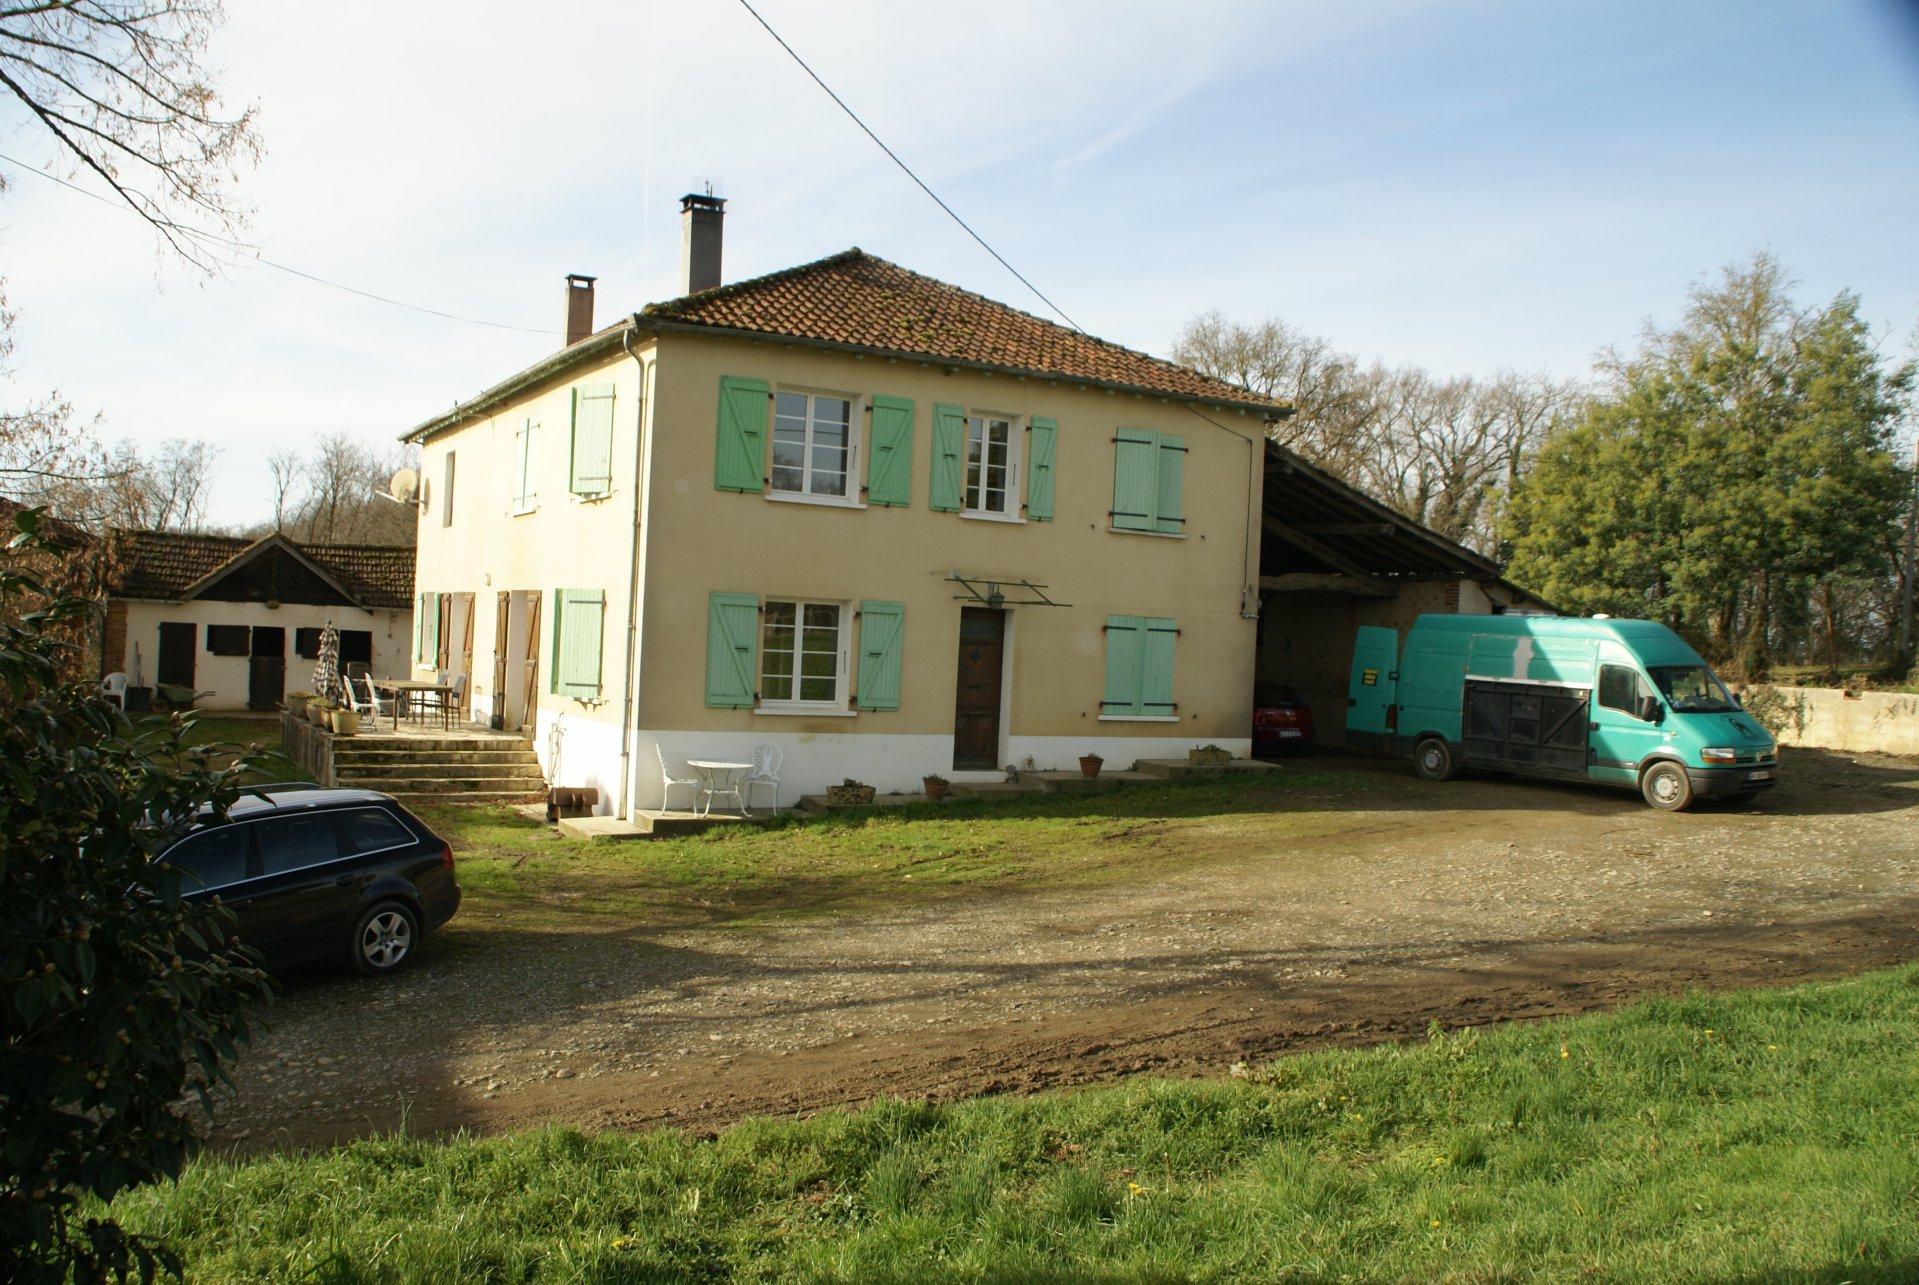 Maison avec dépendances sur 2,5 ha de terrain dans les Hautes Pyrénées.